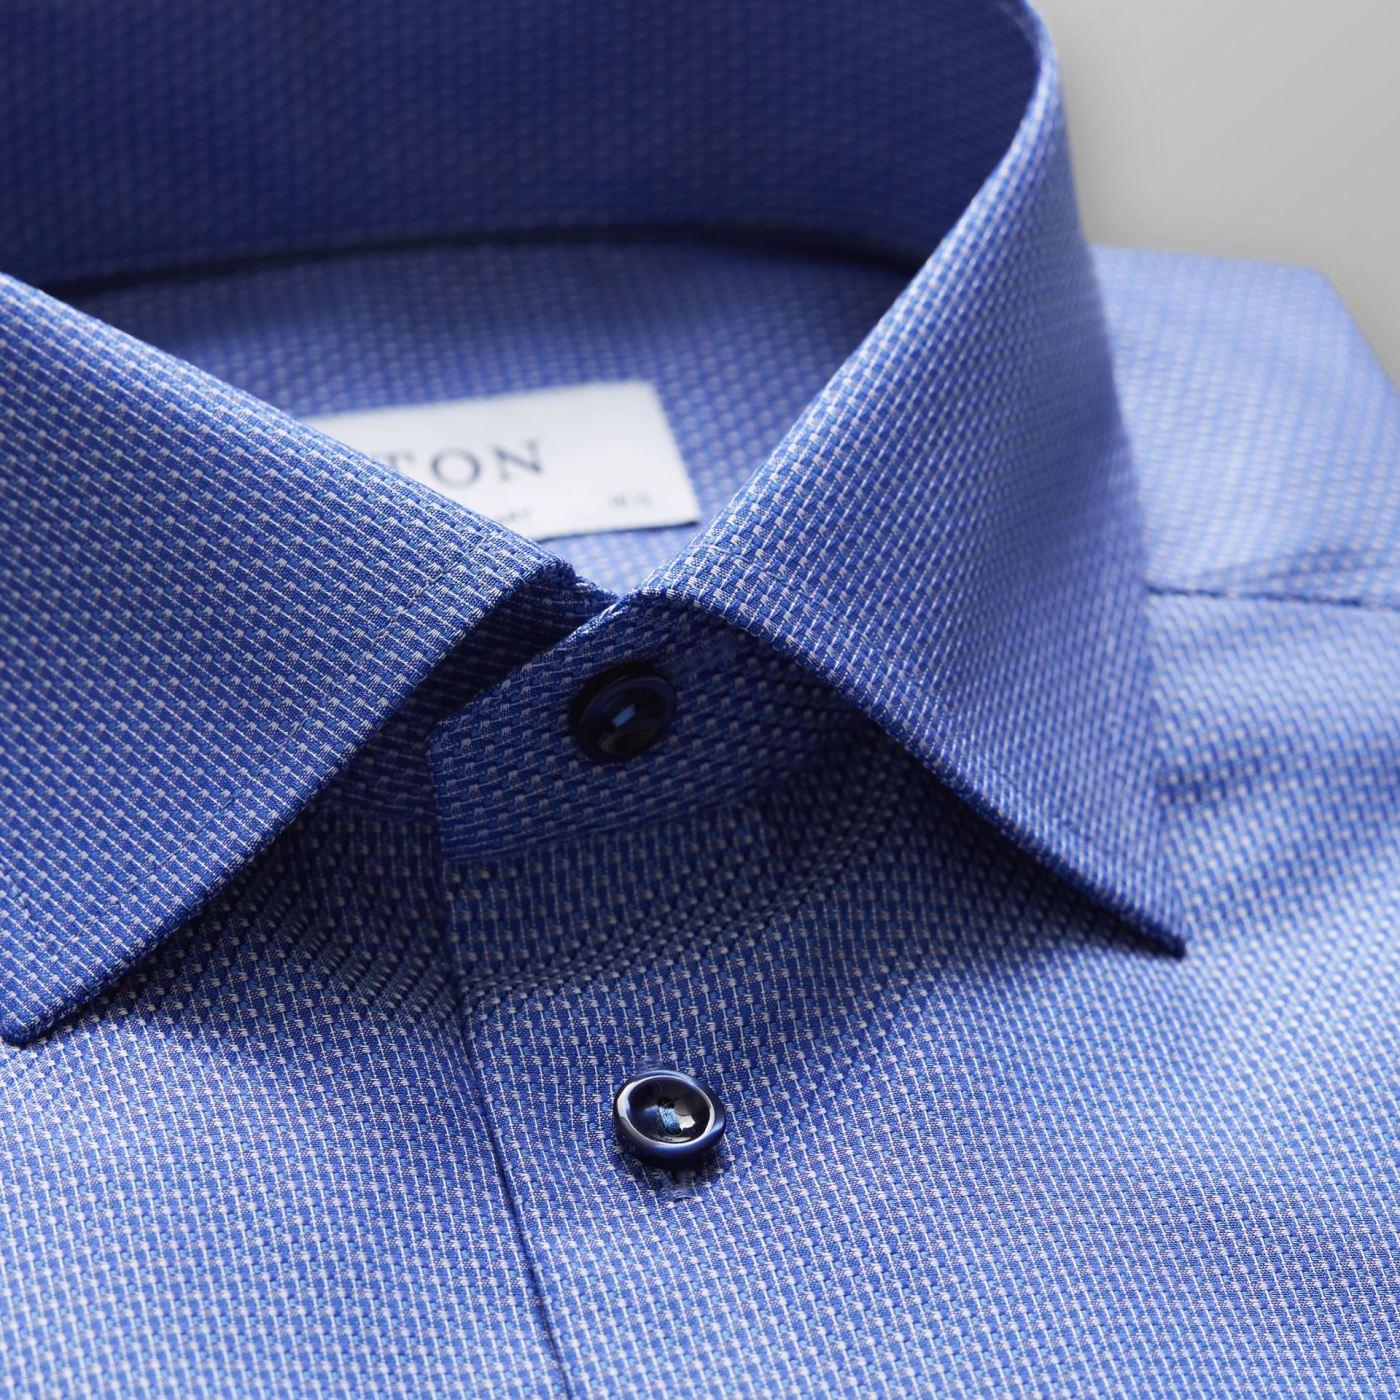 ETON BLUE TWILL BLUE BUTTONS SHIRT